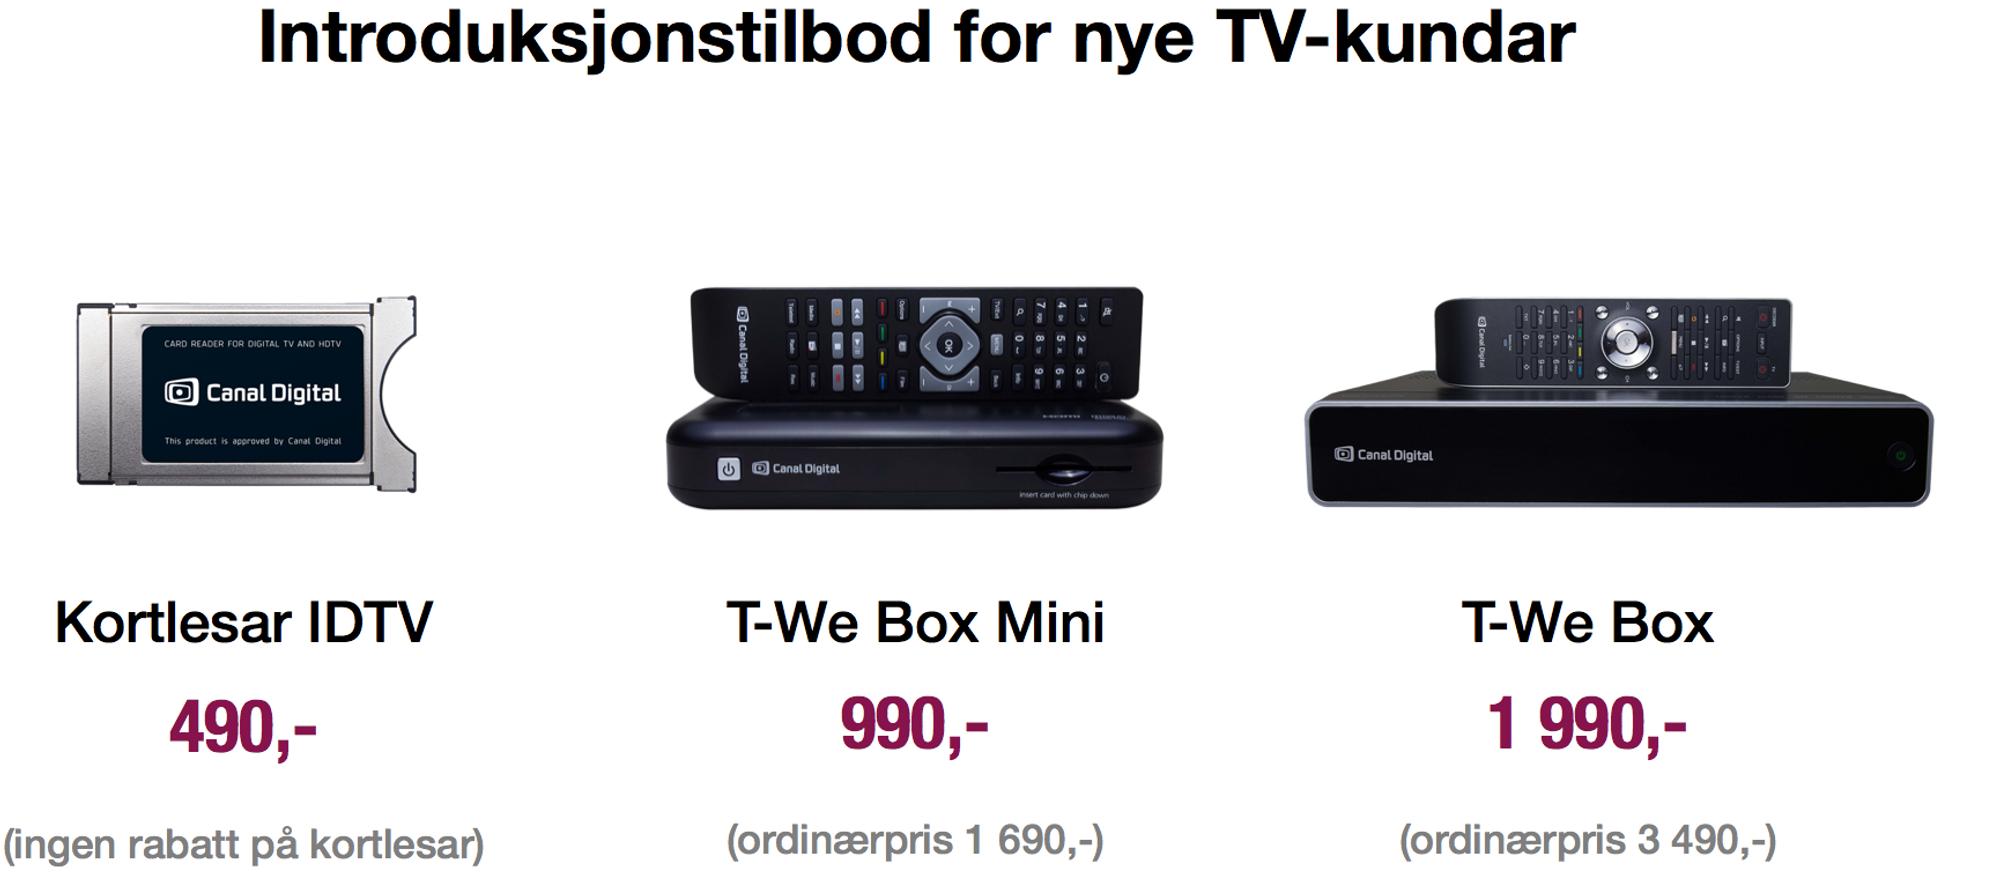 Kendte No må du bytte til digitalt TV-signal — slik gjer du det - Porten.no TT-89